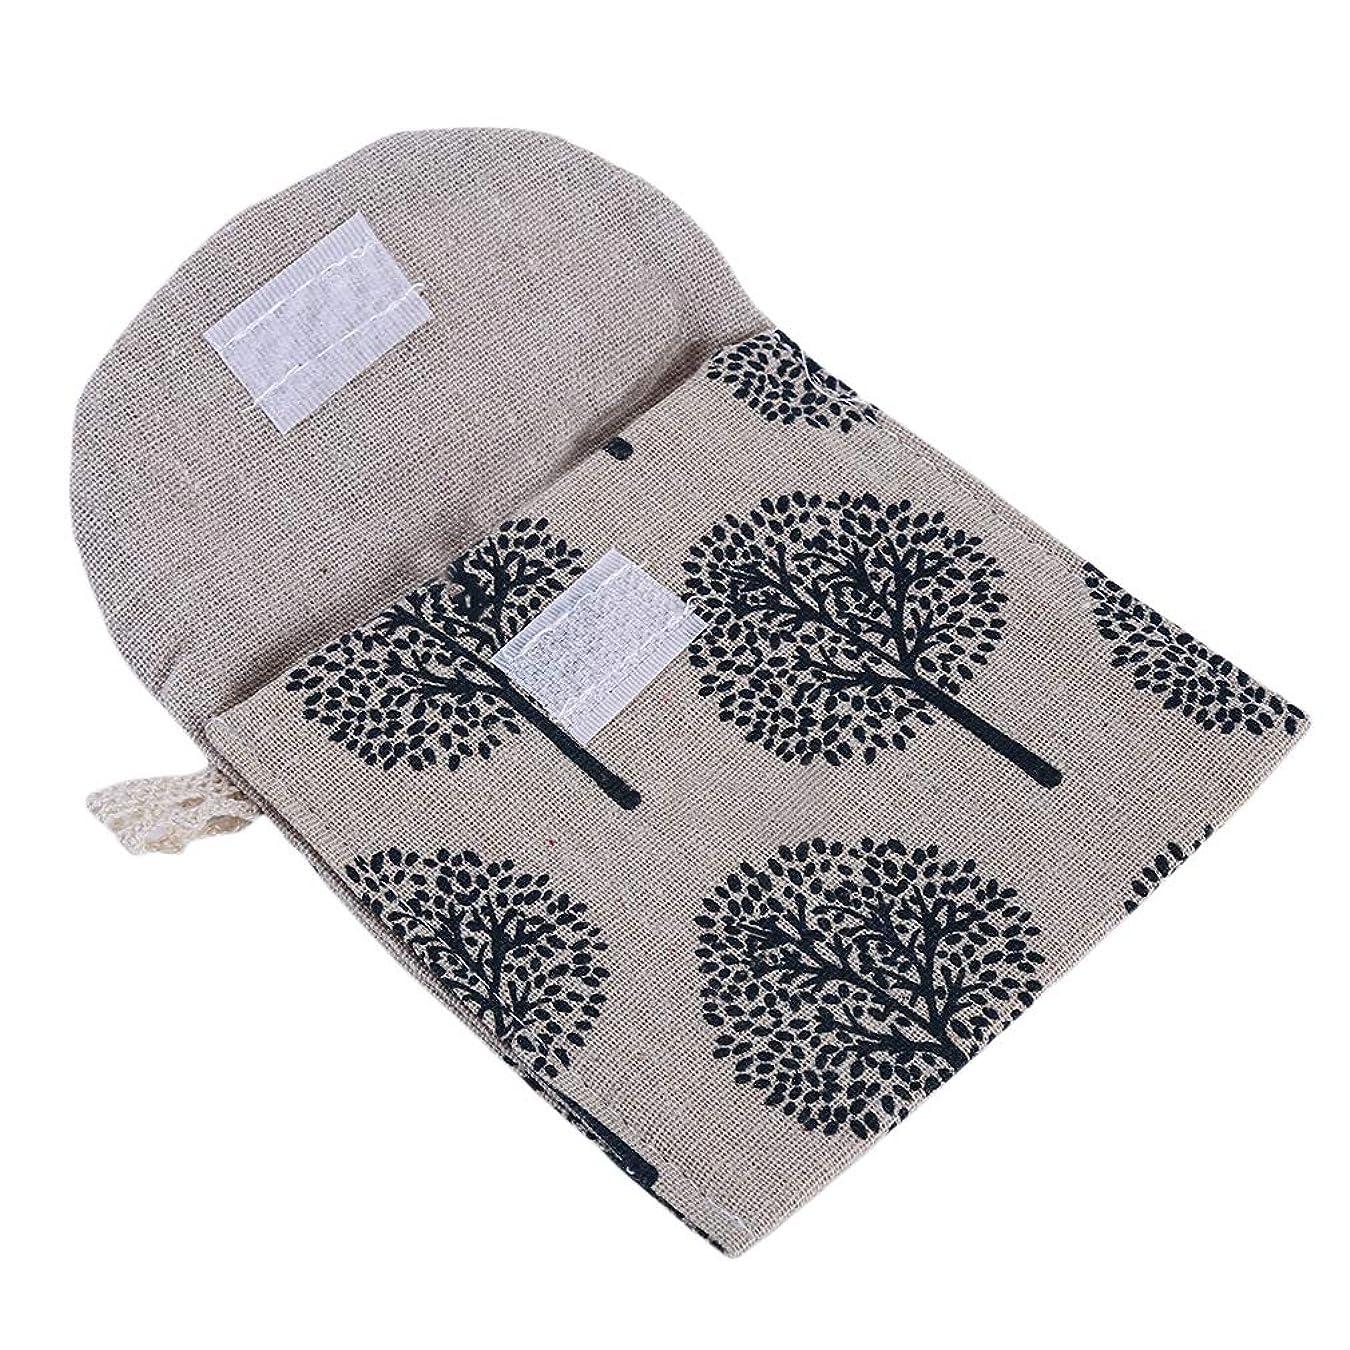 毛布相手心配LUXWELL(ラクスウェル)収納バッグ サニタリーナプキン収納バッグ レディース ポーチ 生理用品 収納 大容量 携帯用 携帯 旅行 生理用 可愛い